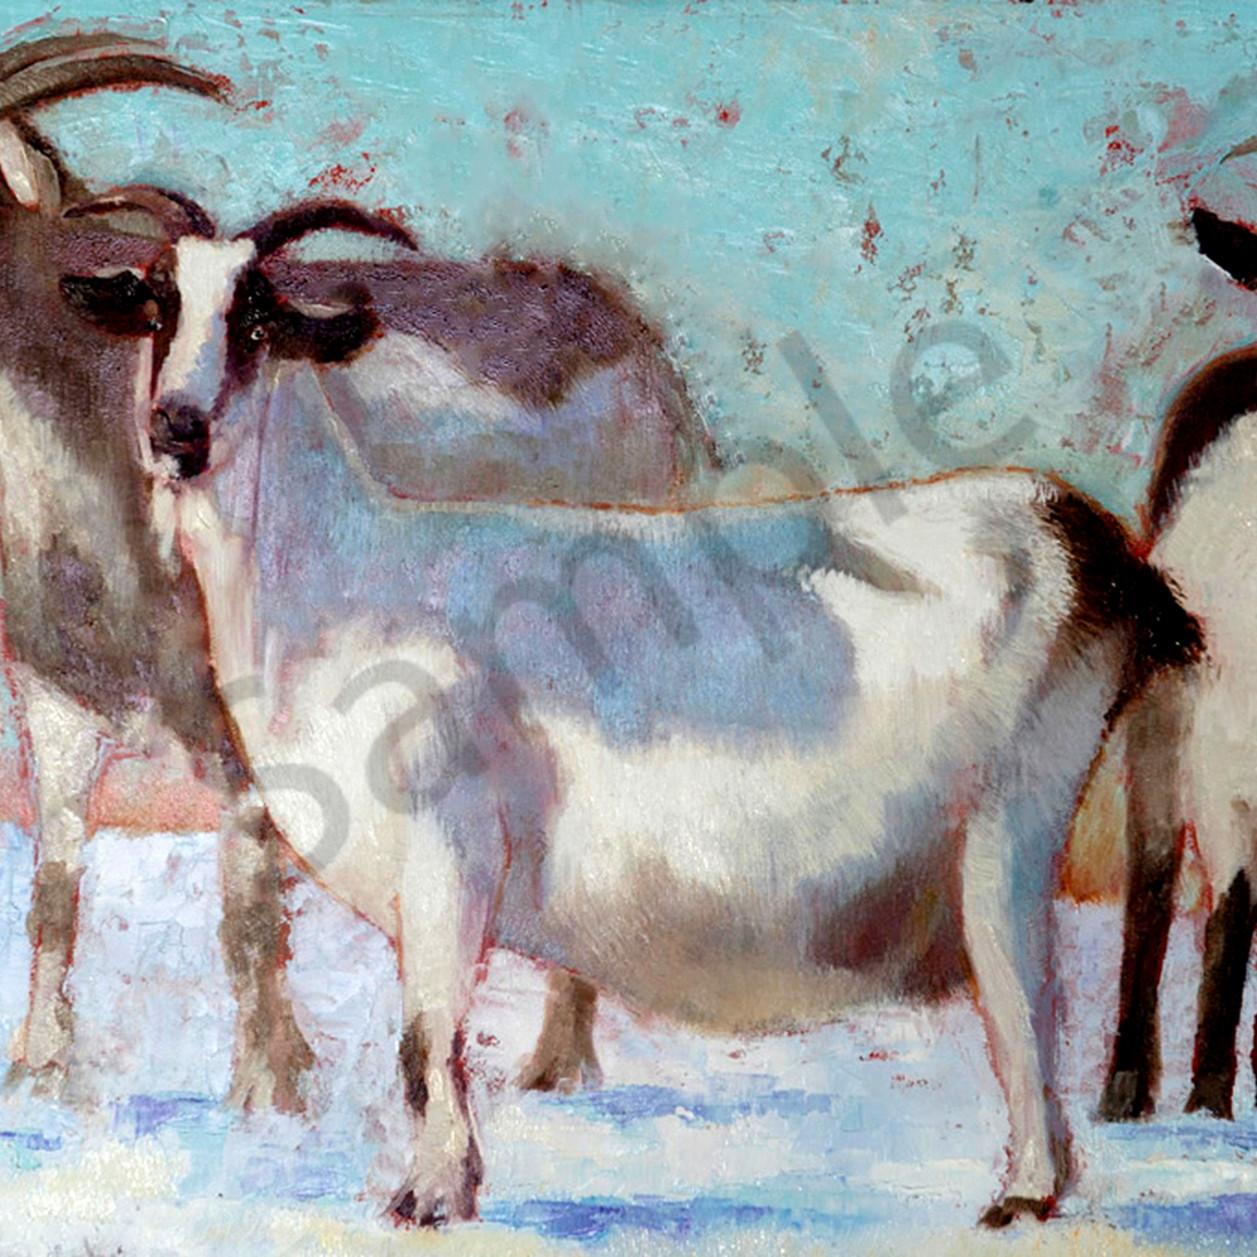 Billy goats gruffbest d3fwxn